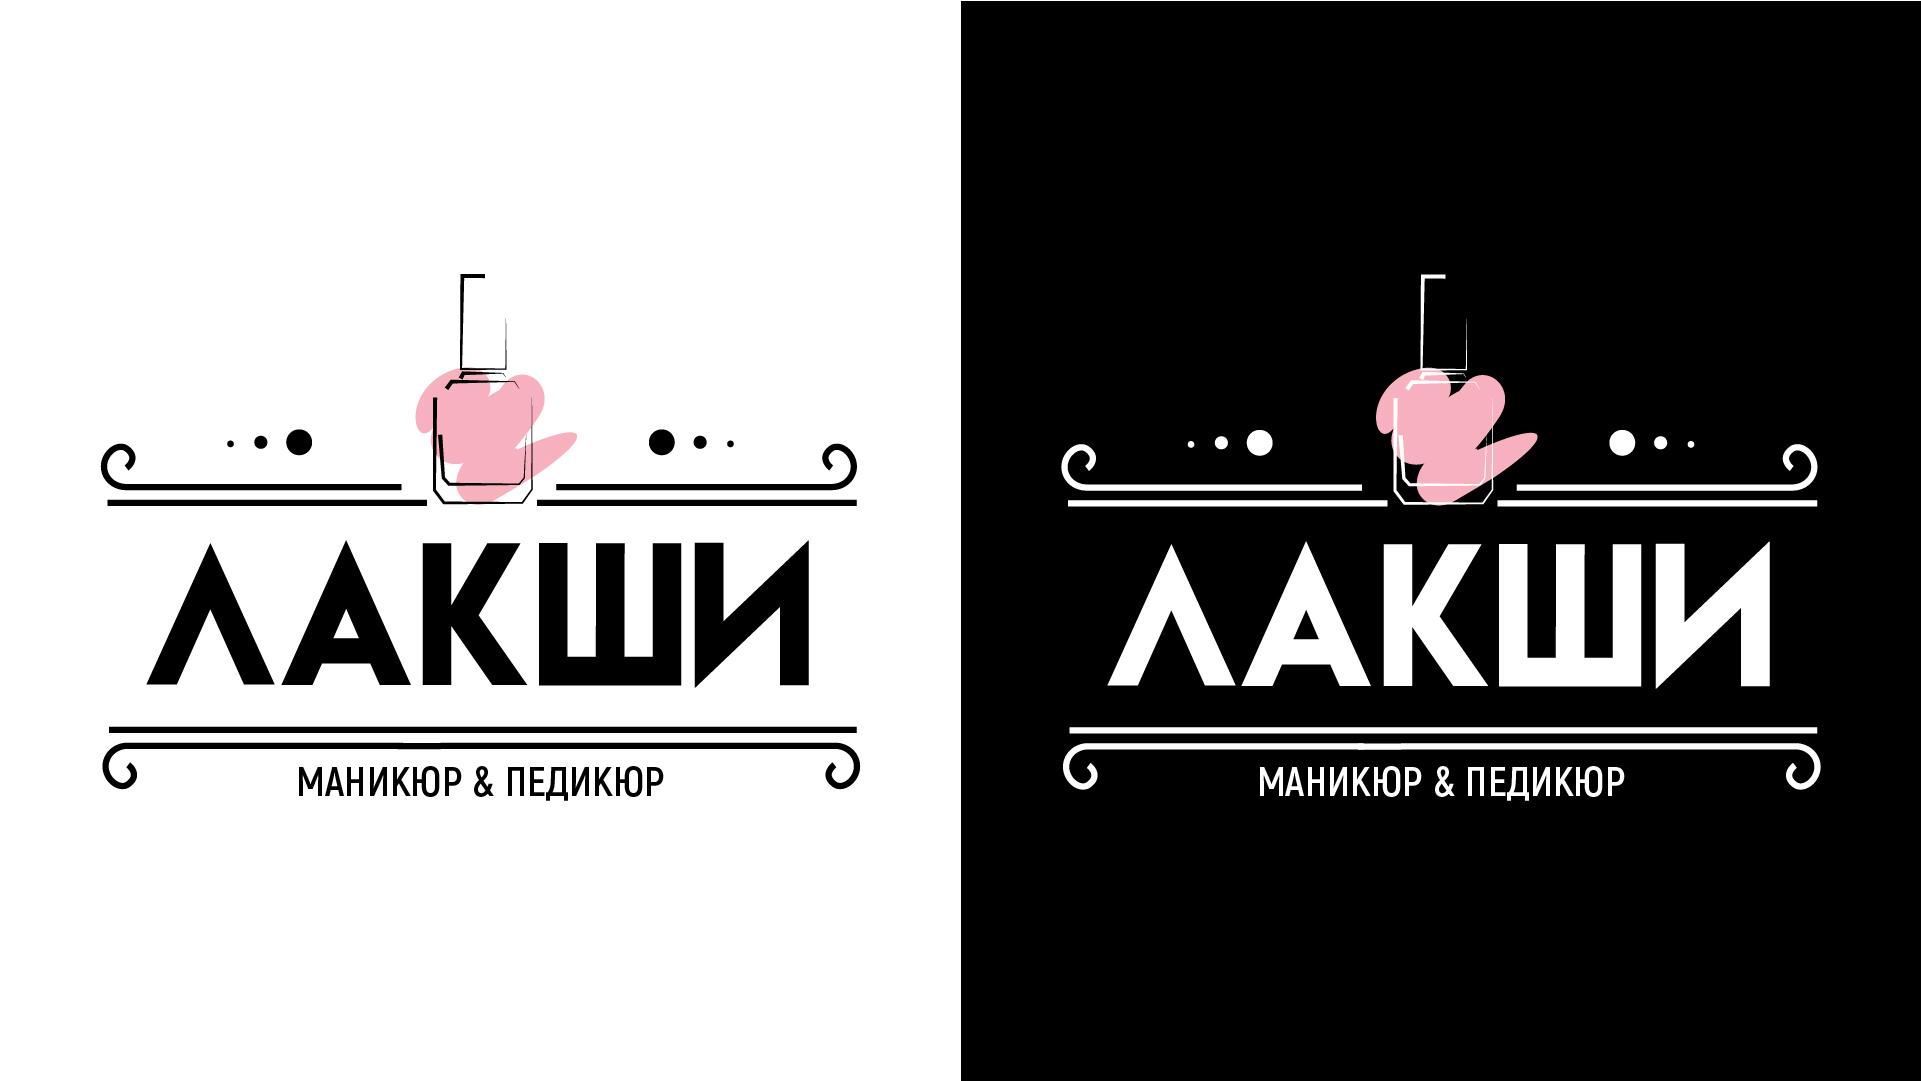 Разработка логотипа фирменного стиля фото f_1355c5c404f776ac.jpg